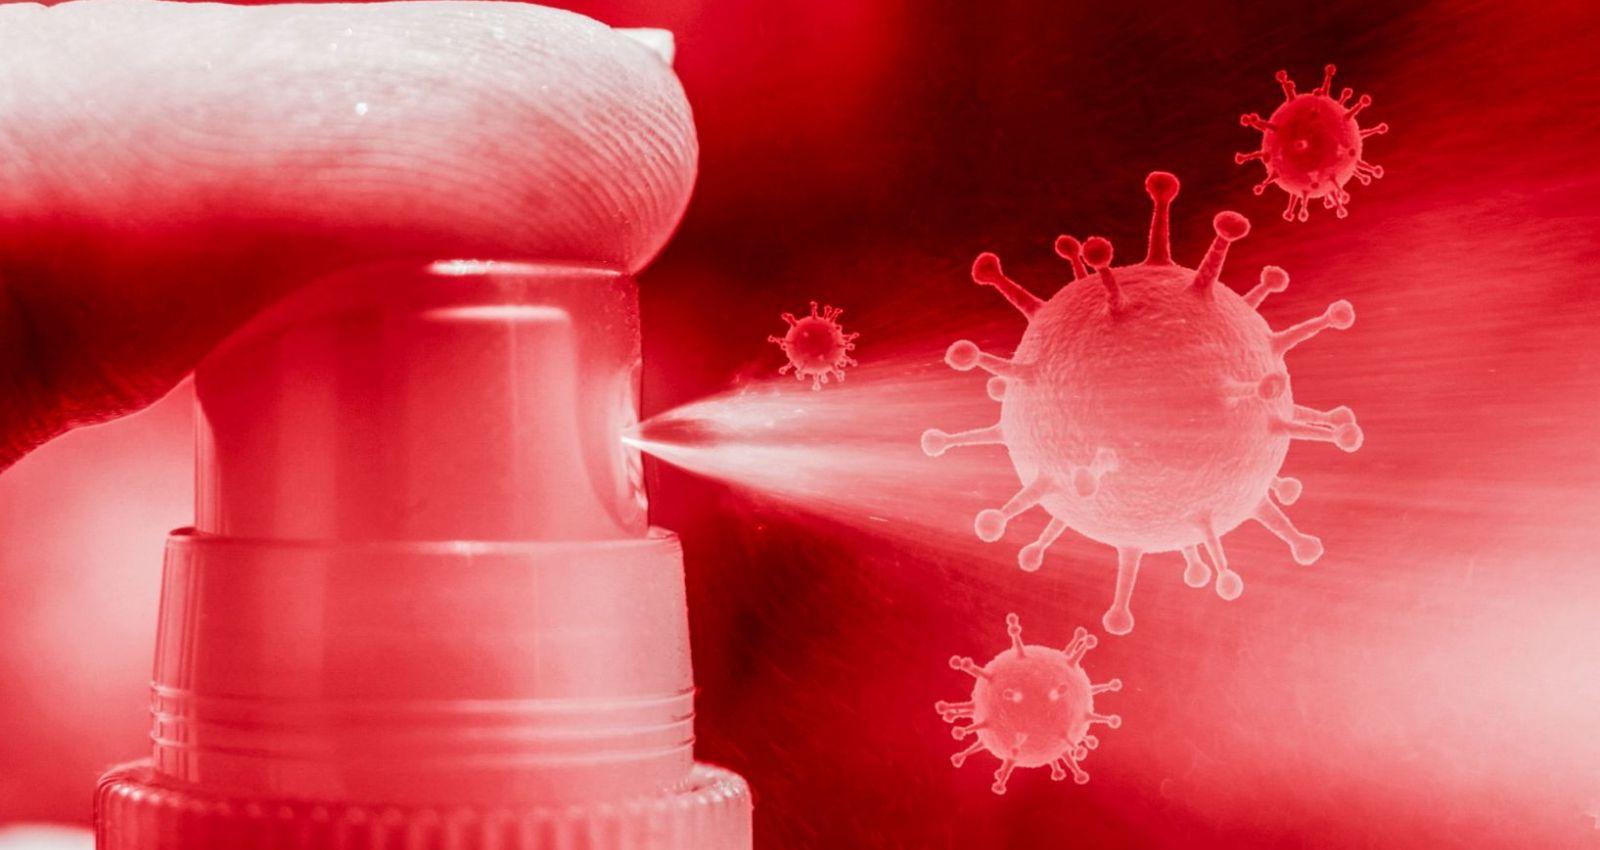 67 новых случаев заболевания коронавирусной инфекцией зафиксировали за прошедшие сутки в Алтайском крае